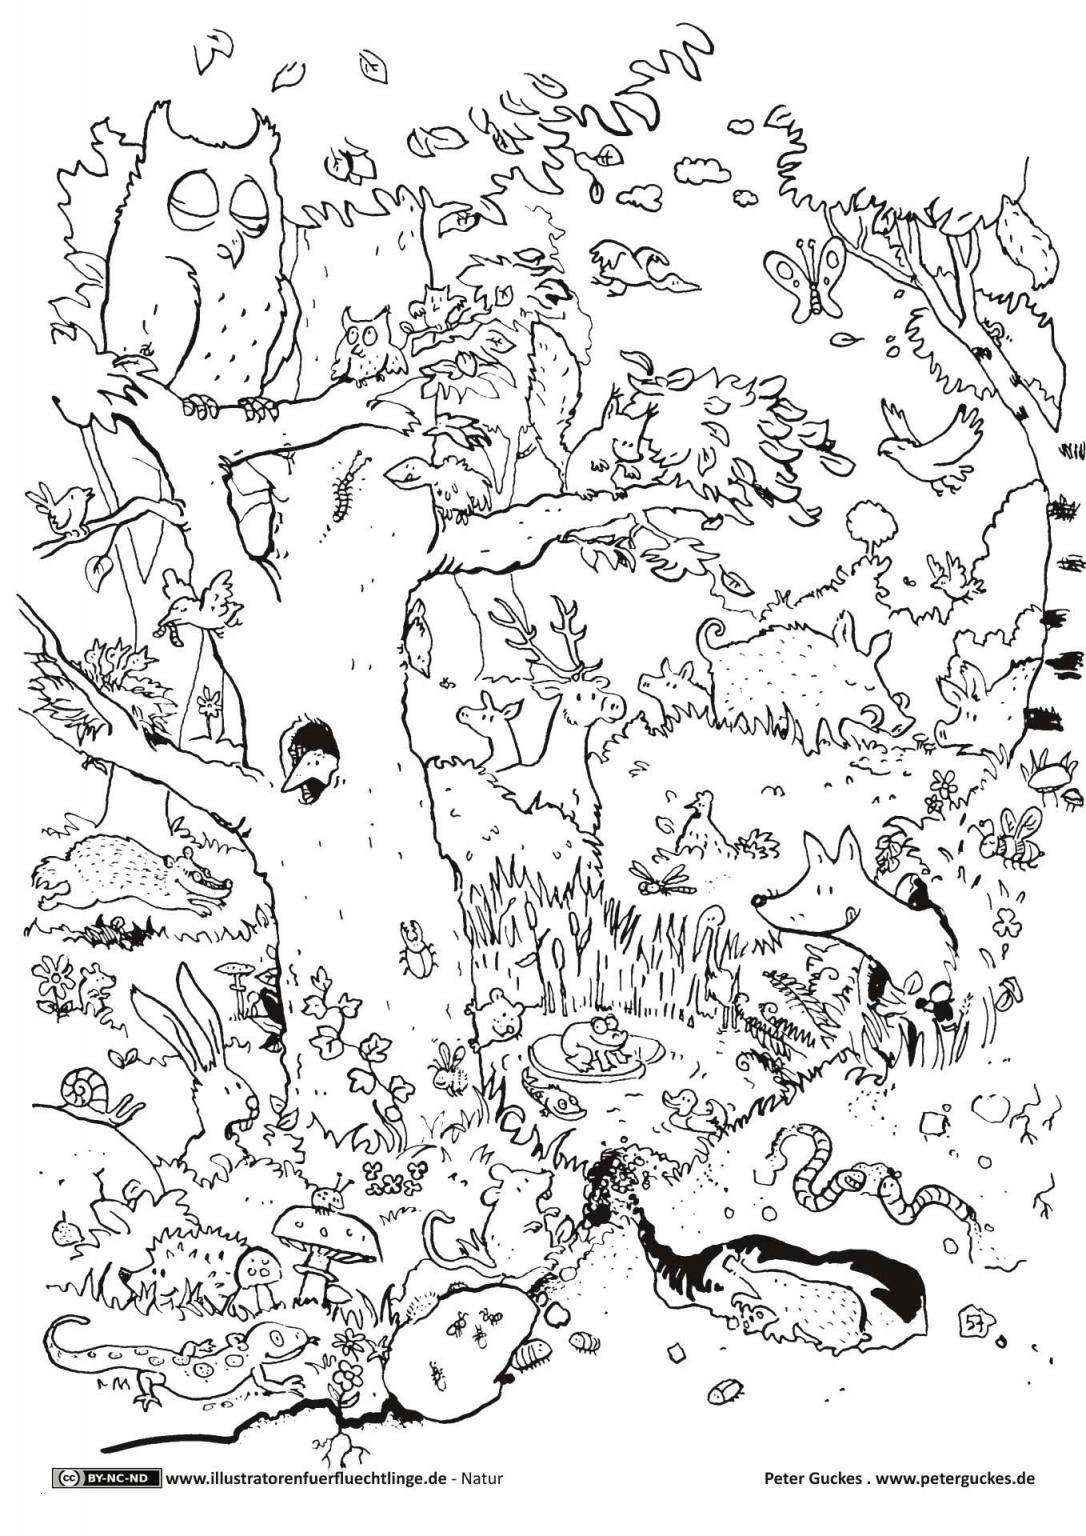 Einhorn Bilder Zum Ausdrucken Einzigartig Einhorn Ausmalbilder Zum Drucken Inspirierend Ausmalbilder Einhorn Stock